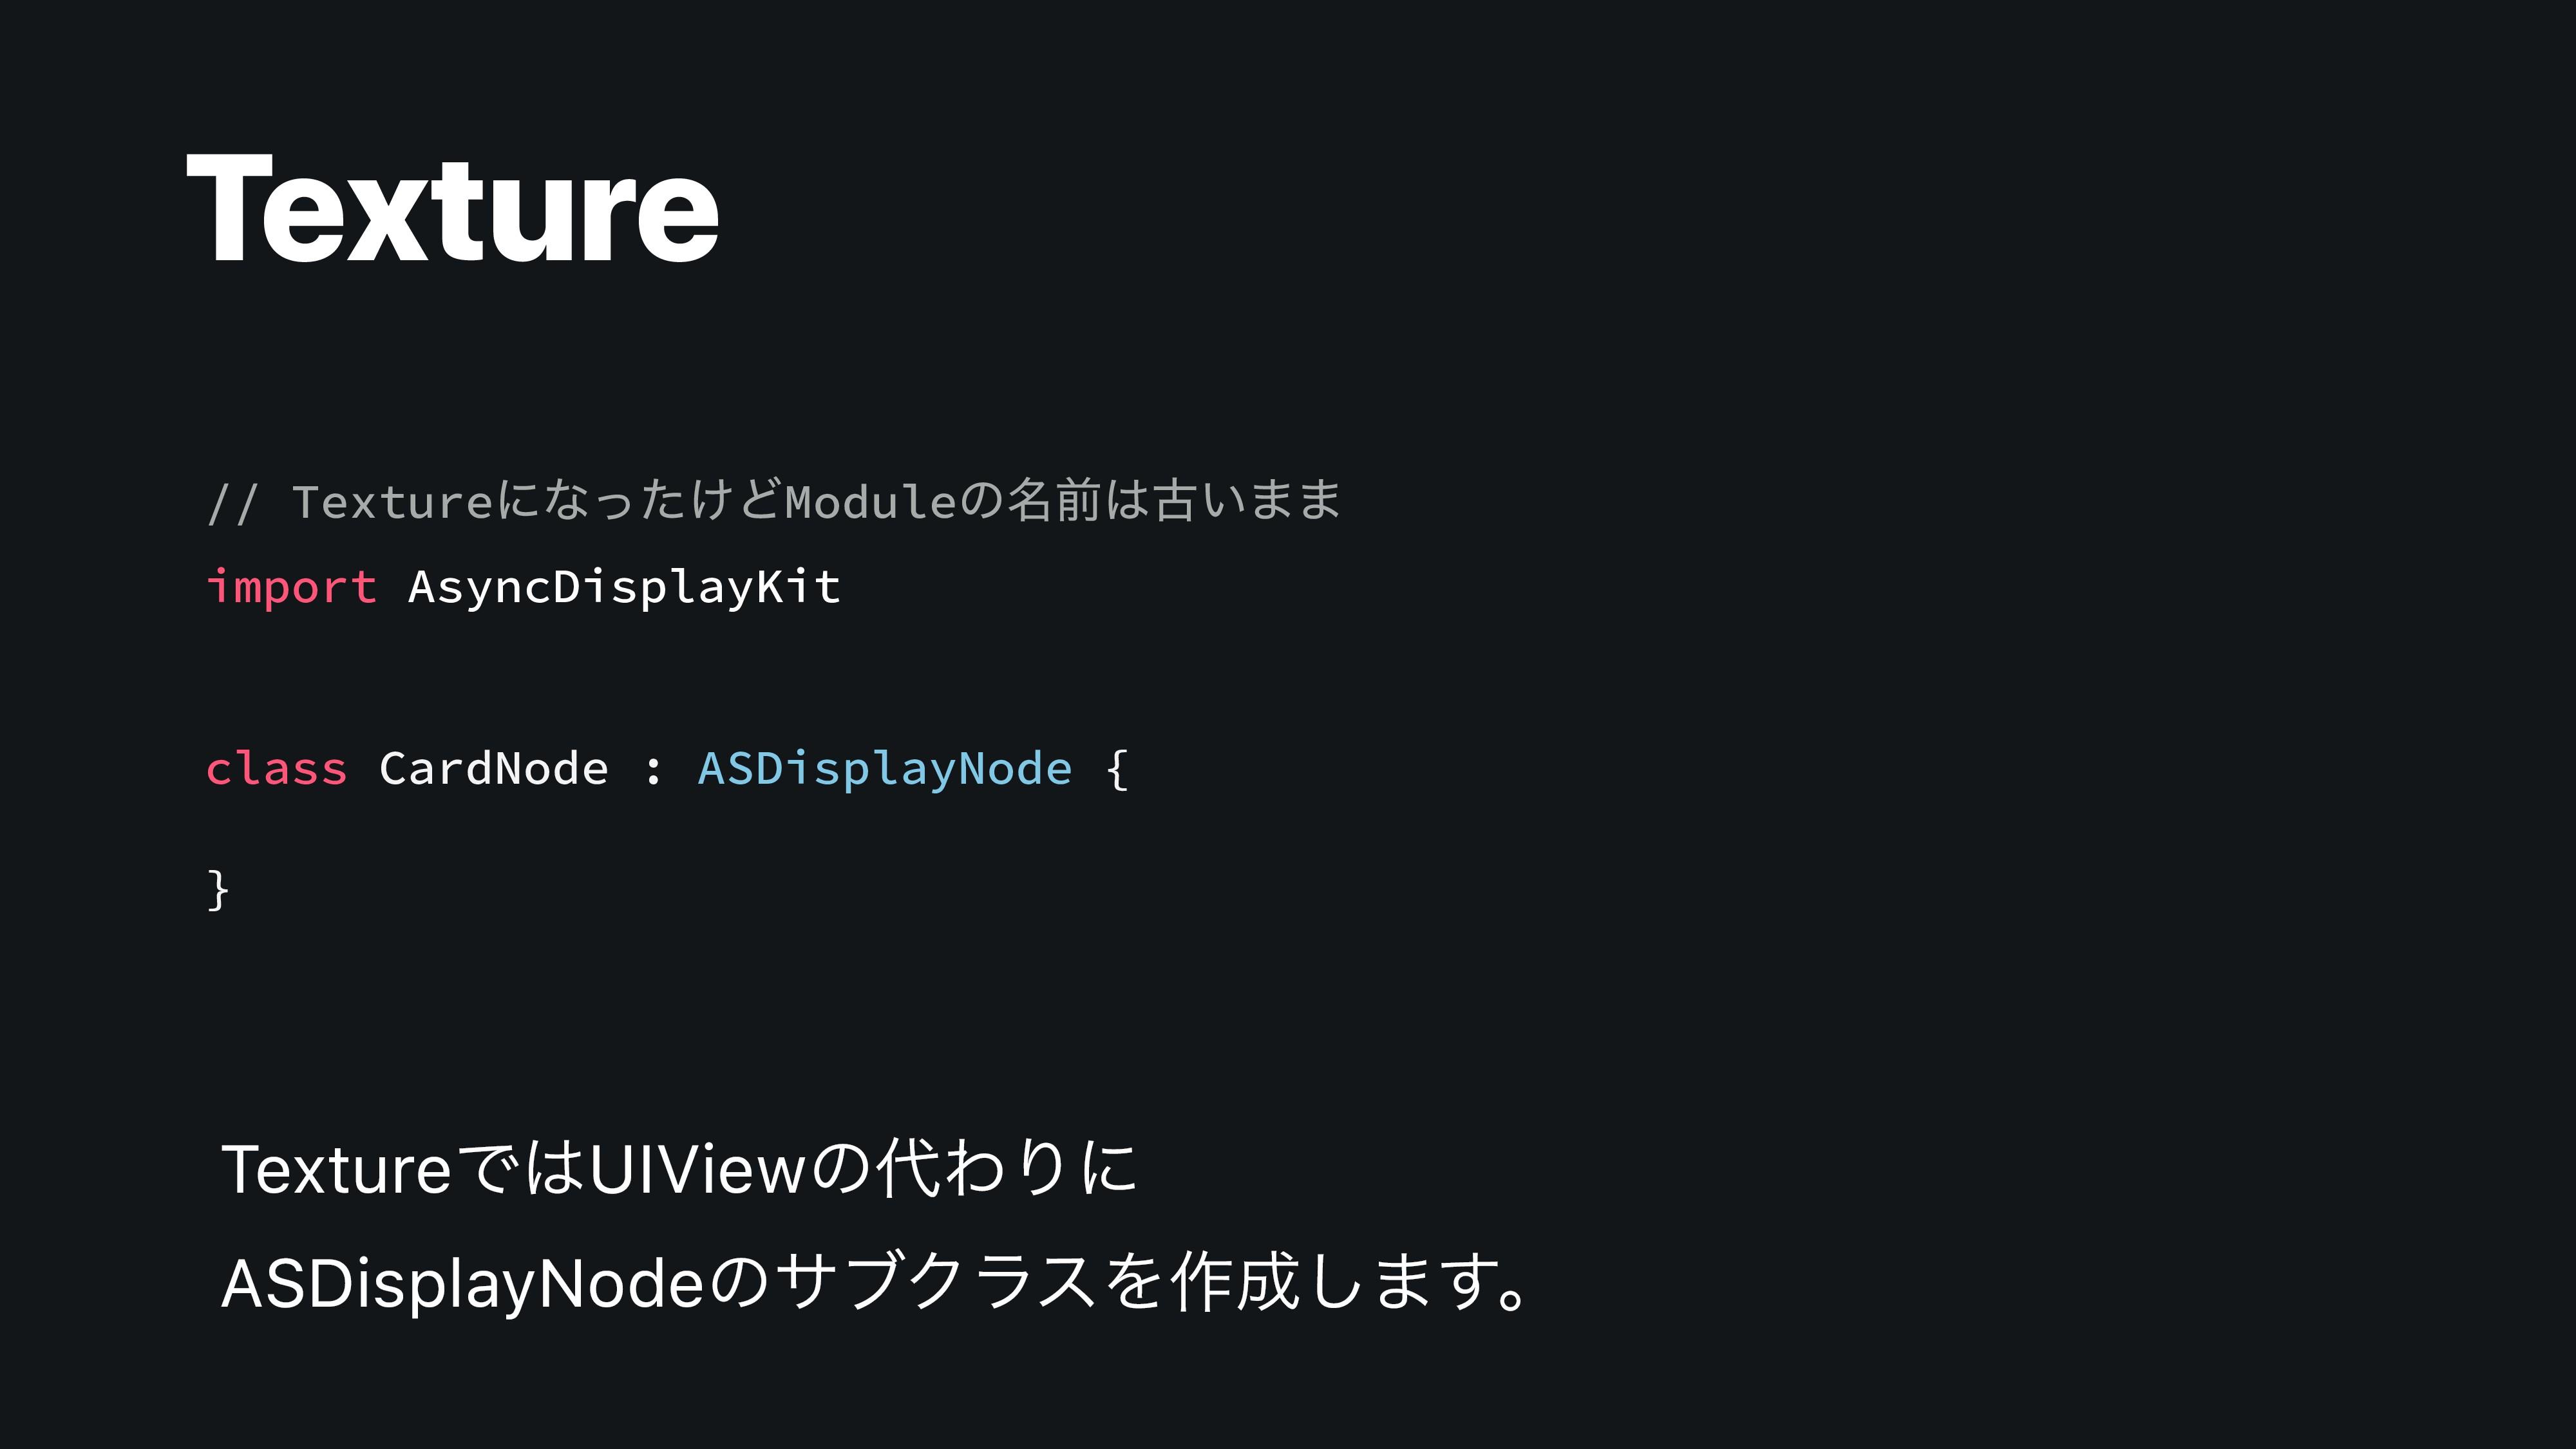 Texture // Textureʹͳ͚ͬͨͲModuleͷ໊લݹ͍·· import A...